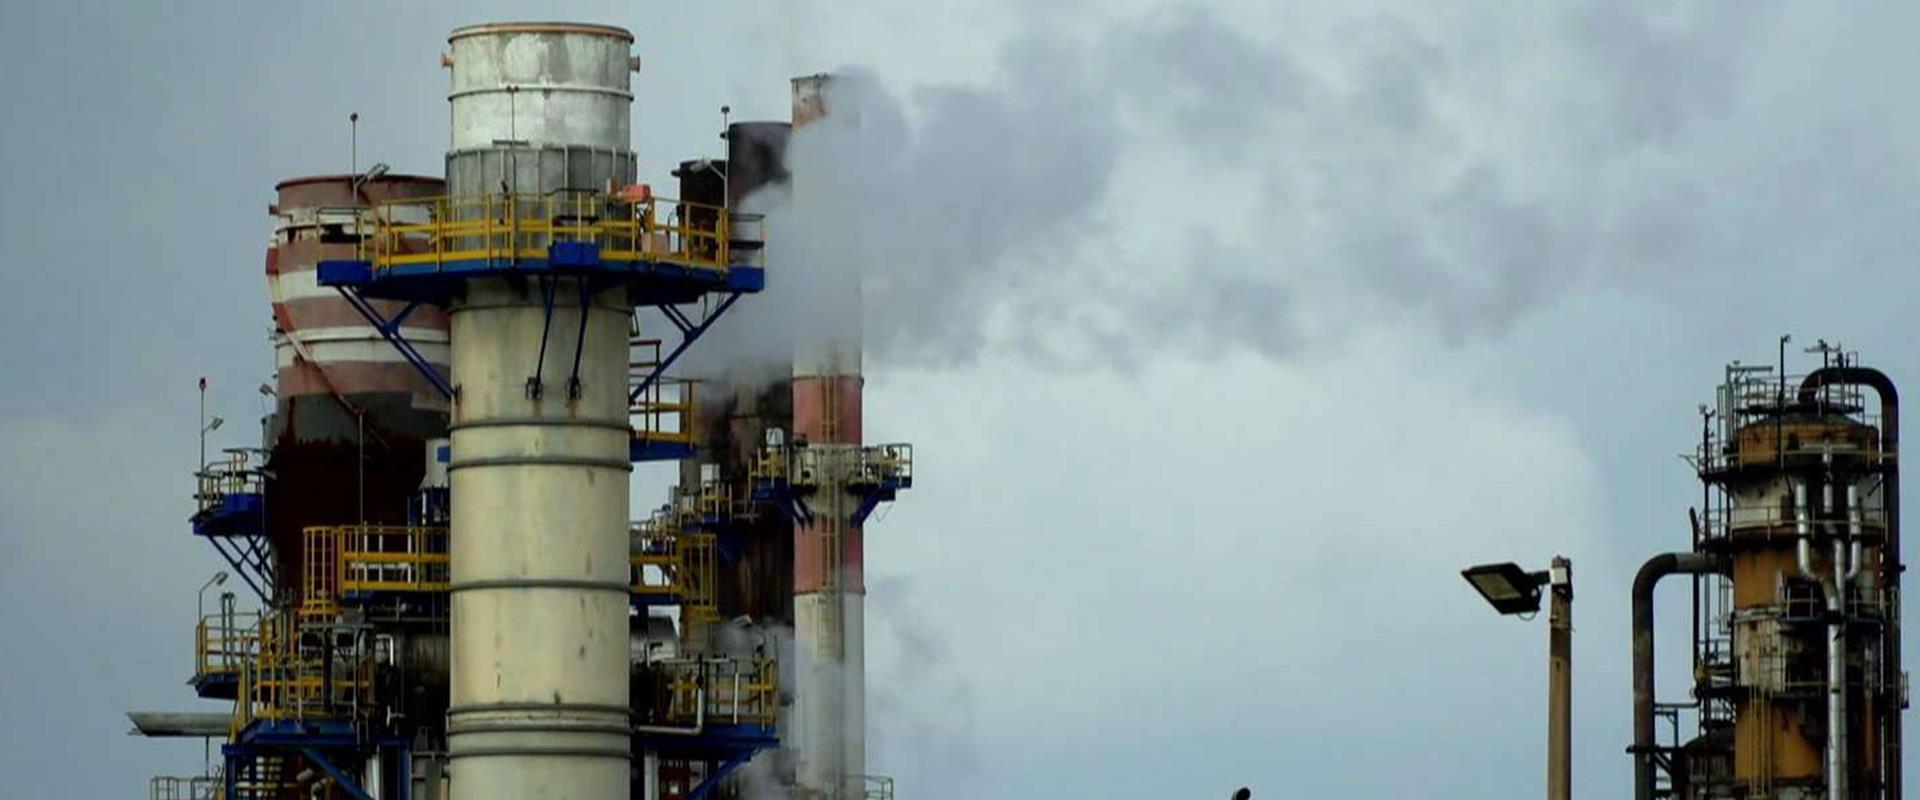 מחדל הזיהום באשדוד | מה מזהם את האוויר בדרום?